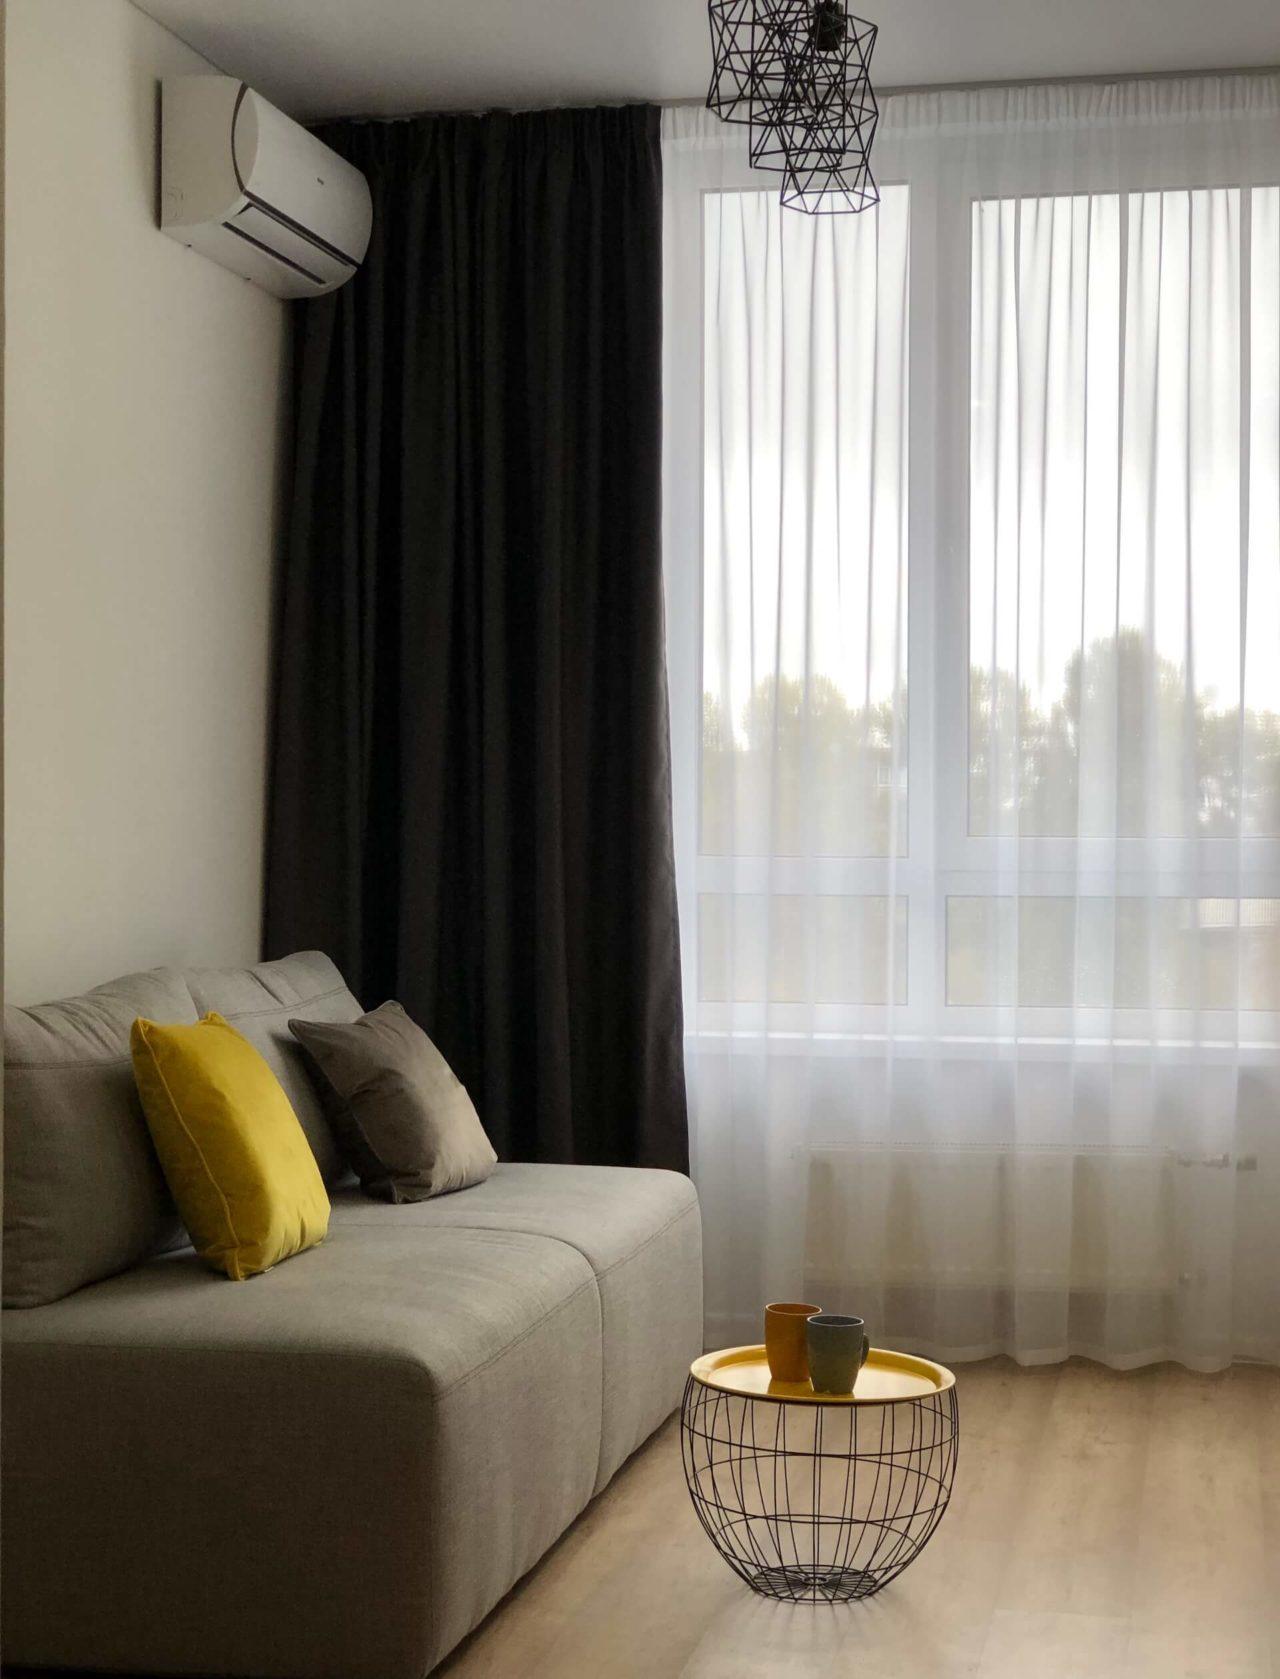 Дизайн проект квартира студия с одной спальней, бежевая ЖК ФайнаТаун, Киев | фото 6